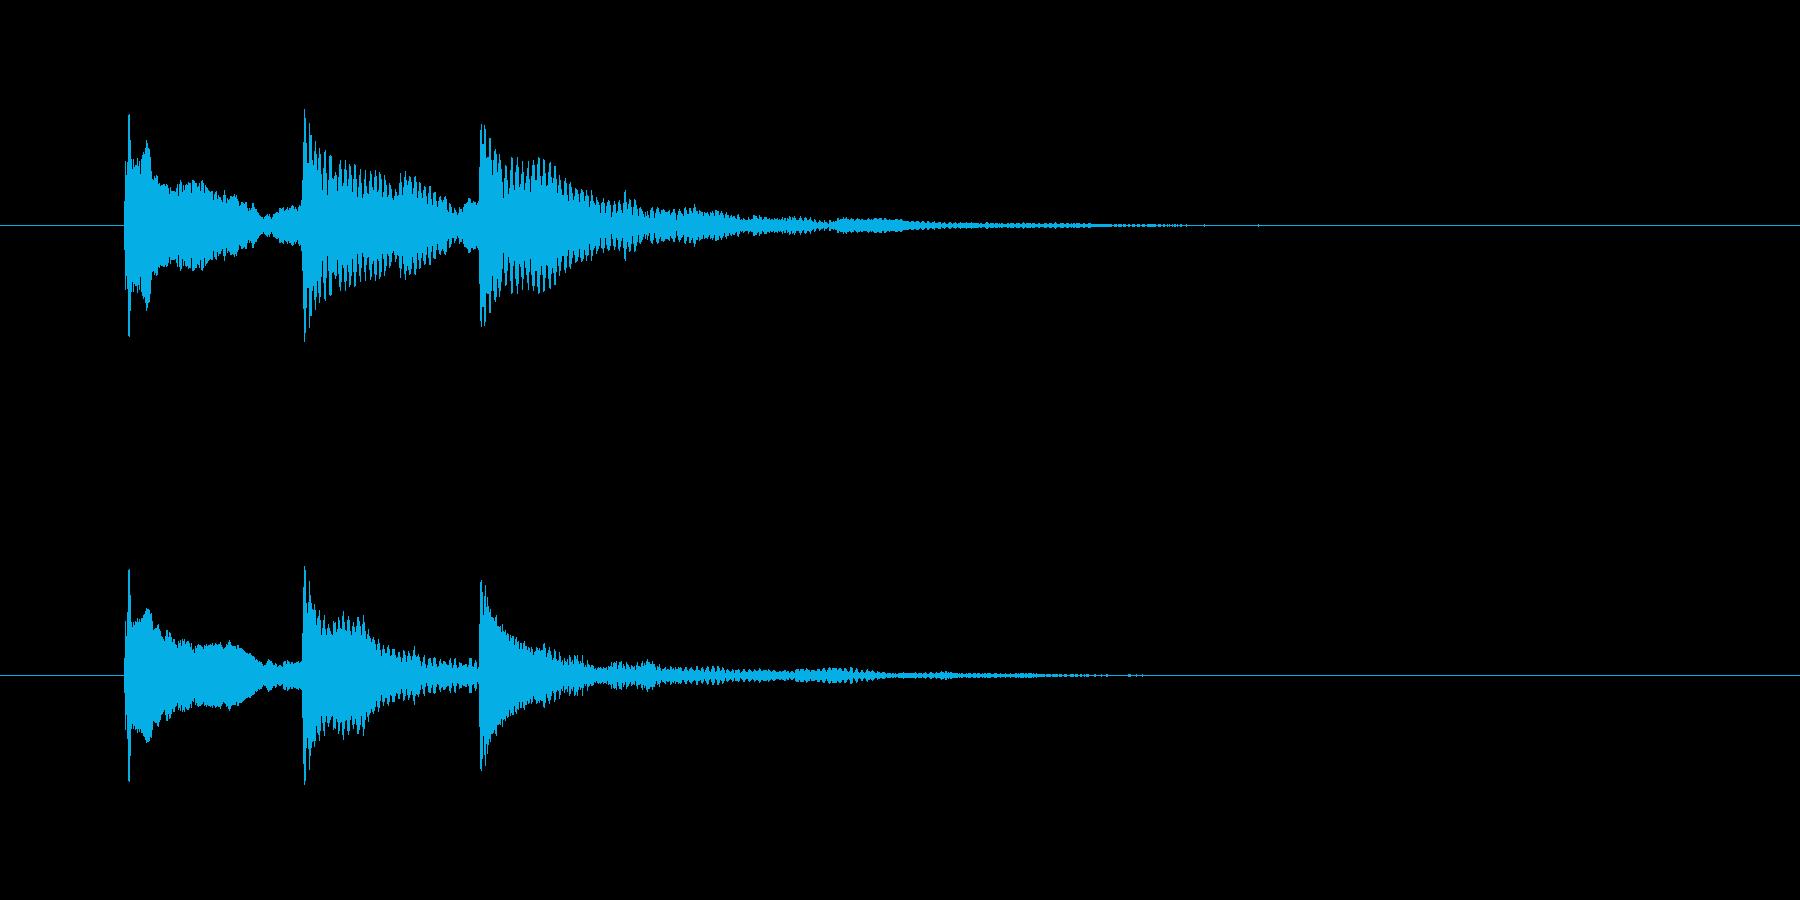 タンタンターン(静かな場面転換)の再生済みの波形